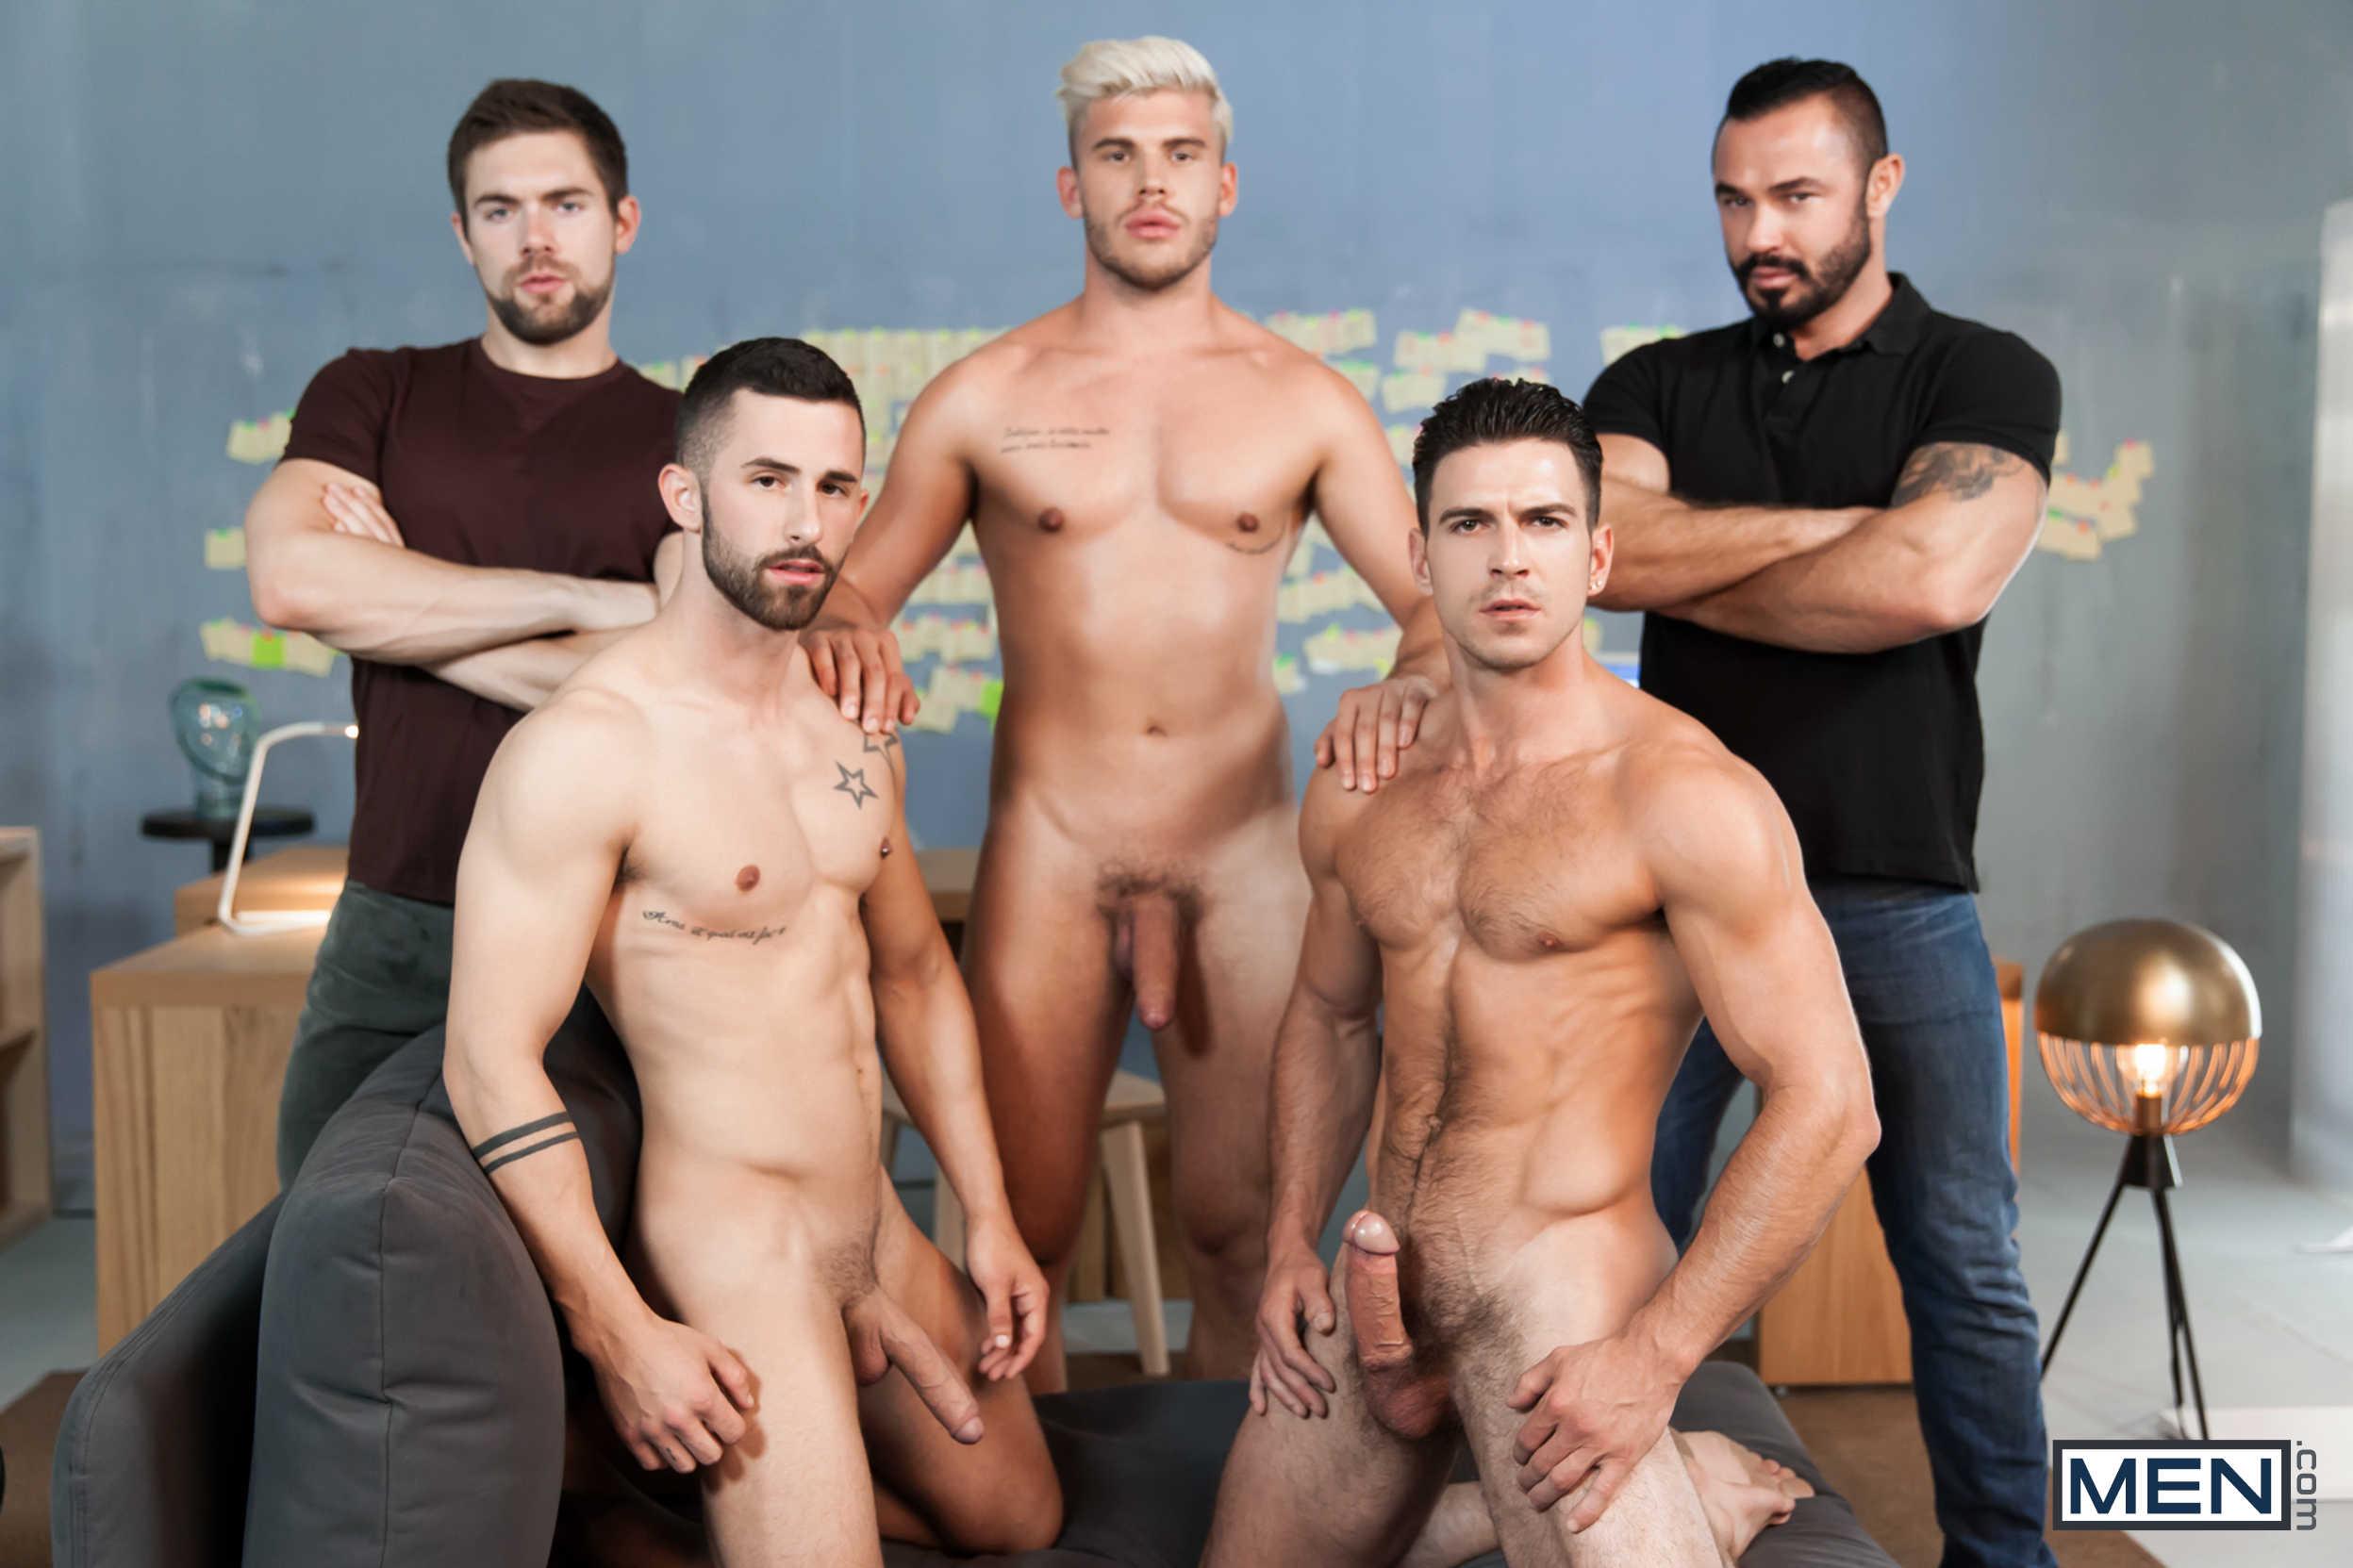 gay porn scene gay thug porn hub